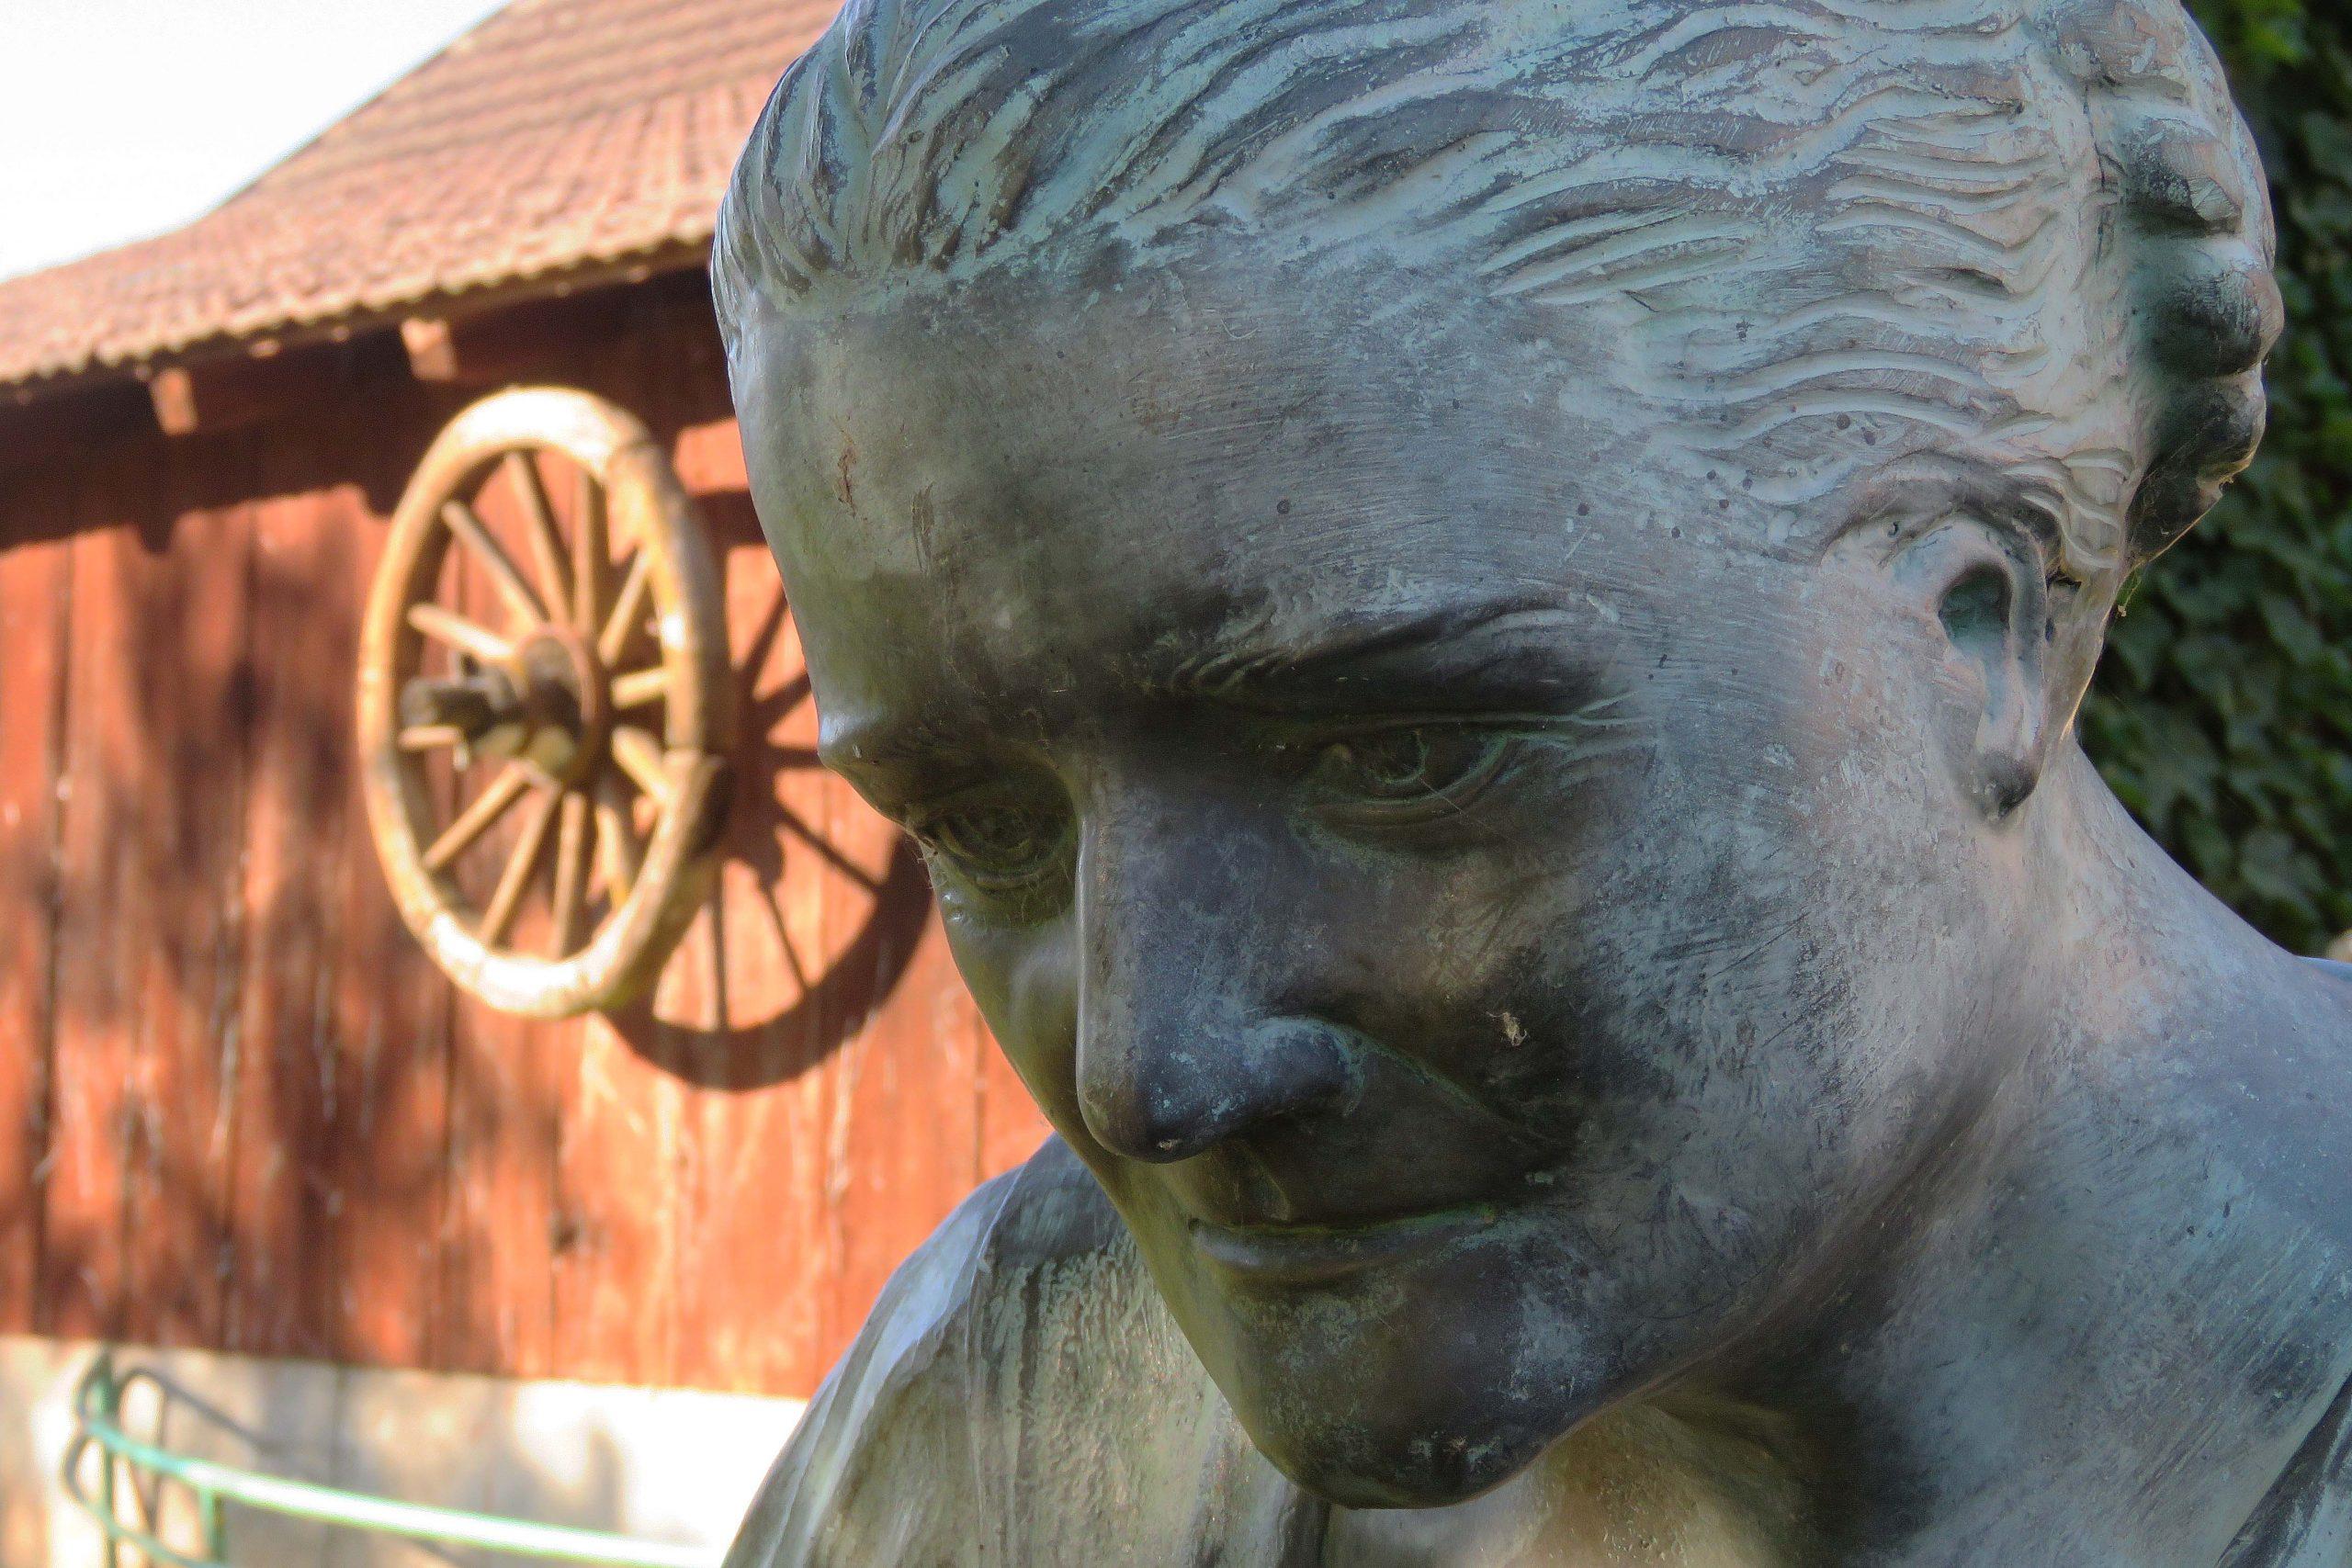 Juli 2020: Das Herzstück des Buchbrunnens ist die Bronzefigur, die der alten Zieglerhofbäuerin nachempfunden ist.